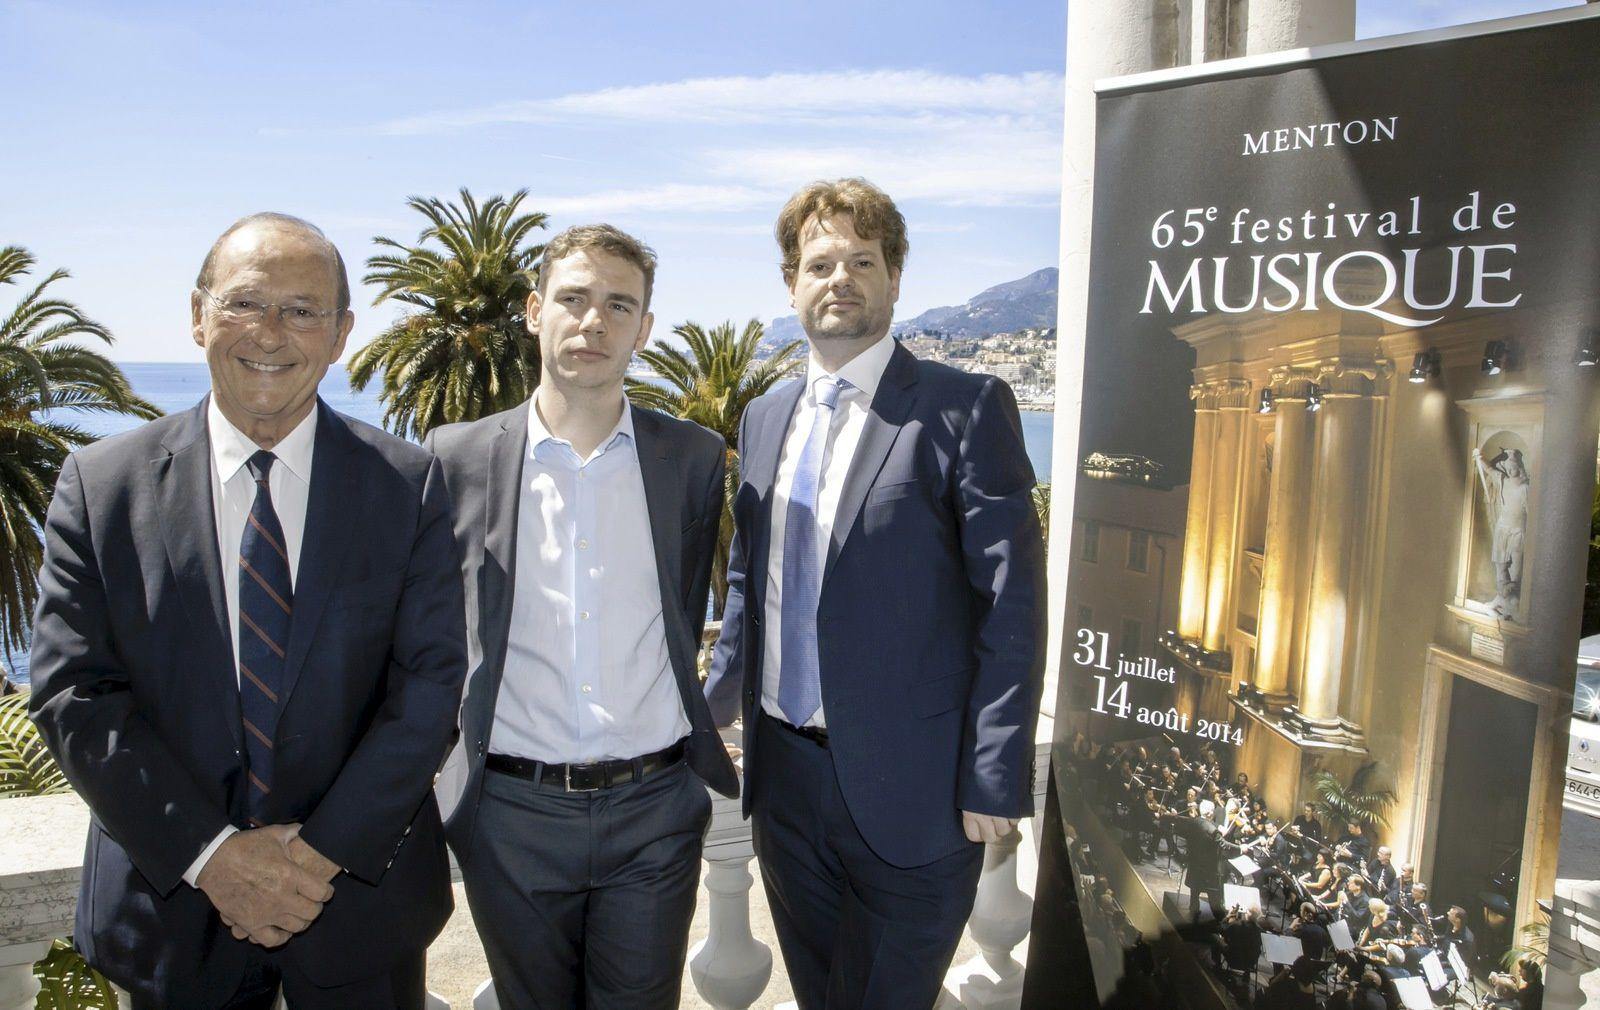 De gauche / Jean-Claude Guibal, député-maire de Menton, Geoffroy Couteau**, pianiste et Paul-Emmanuel Thomas, directeur artistique du Festival